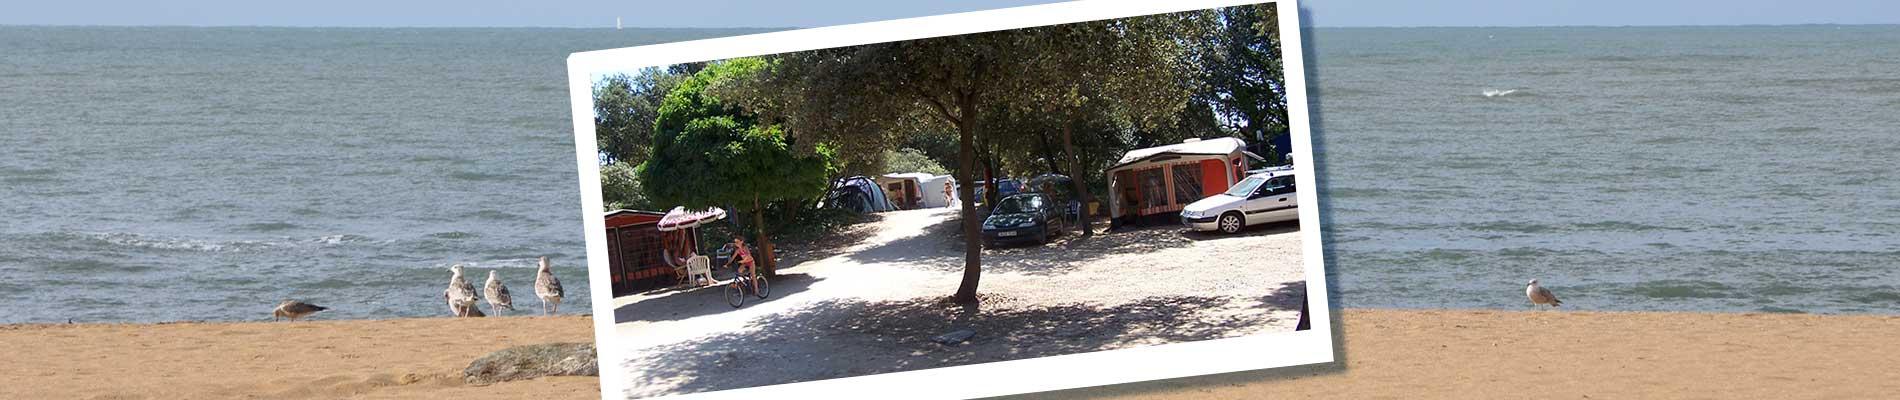 Camping municipal de St Pierre d'Oléron